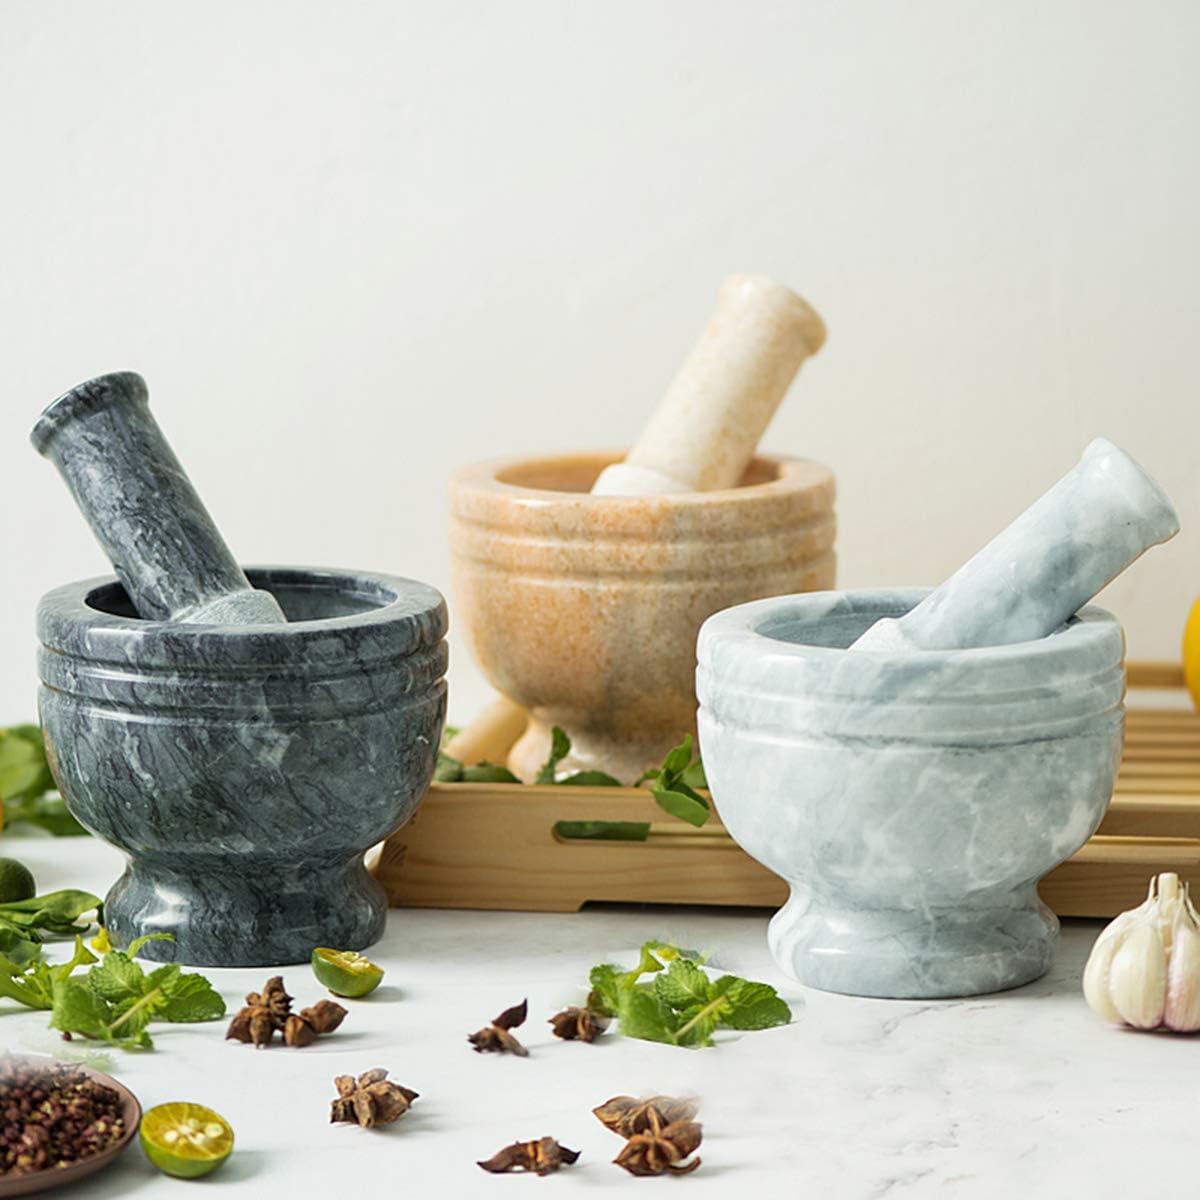 Macinatura di Spezie e Frantuma Pillole Pietra Naturale,Nero Pestello e Mortaio in Marmo,Ideale per Pasta Abrasiva